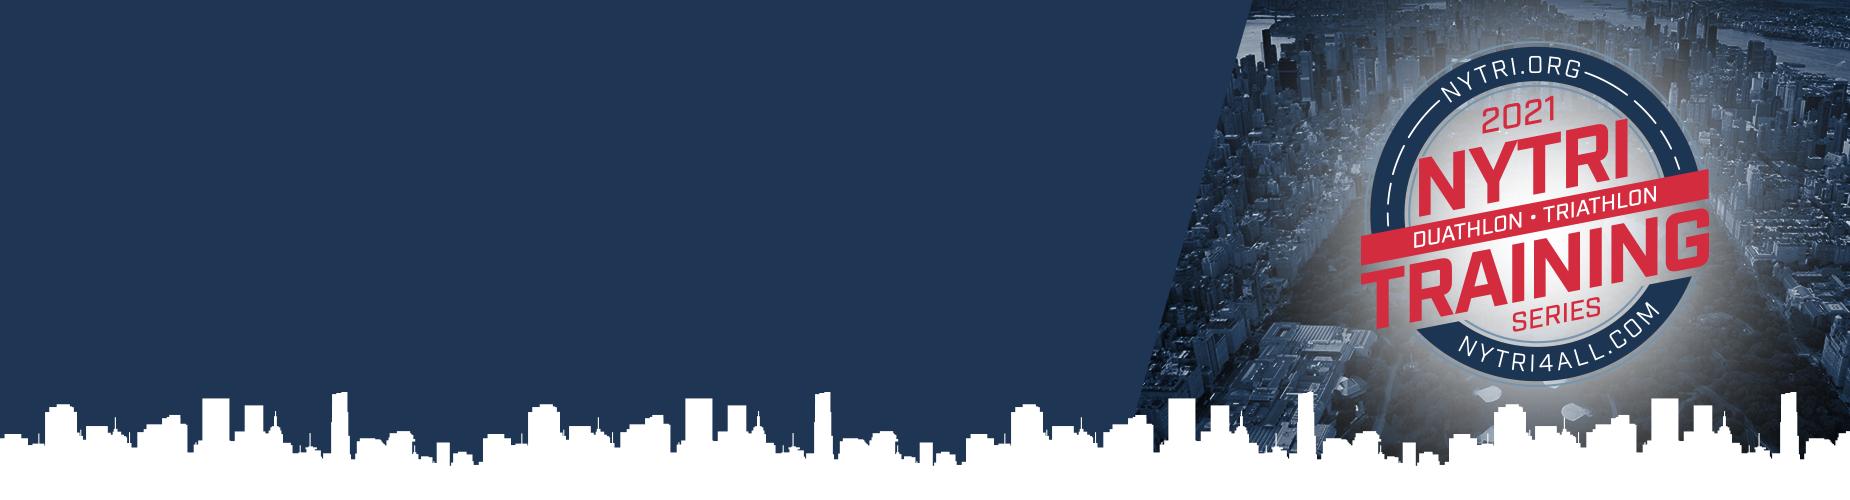 NYTriathlon - duathlon triathlon logo 2021 nitri training - nytri4all